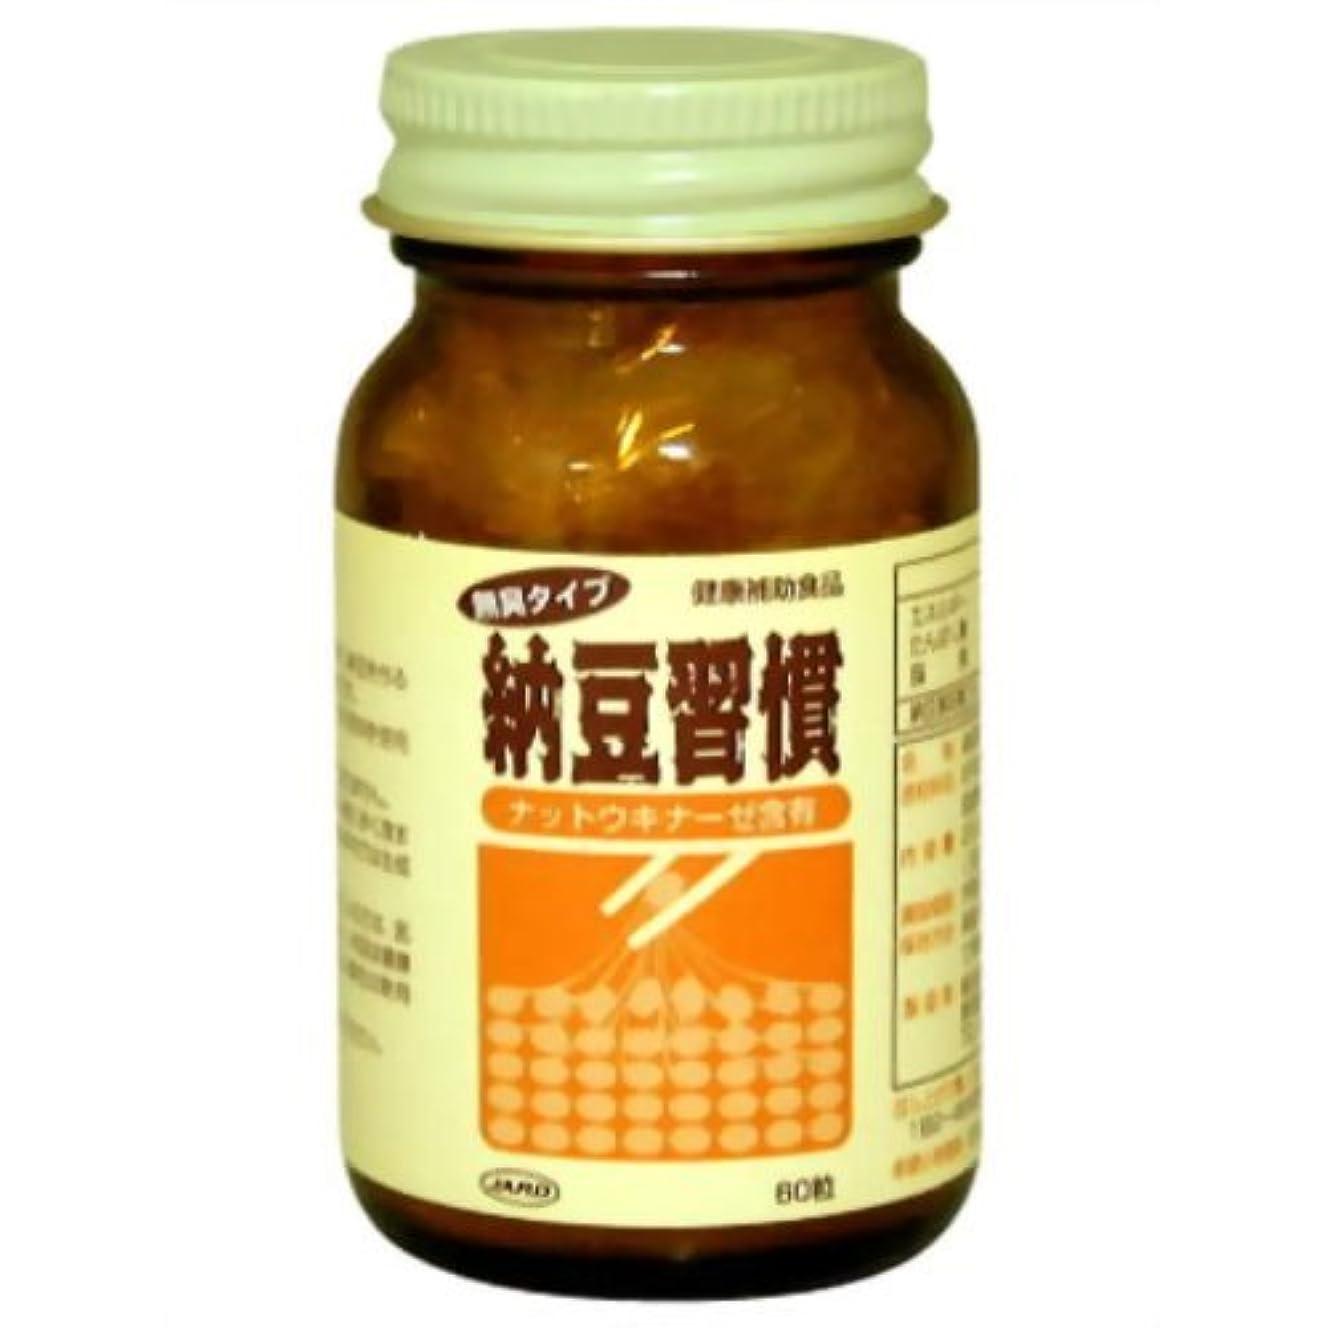 剛性クレア散る納豆習慣 ナットウキナーゼ含有